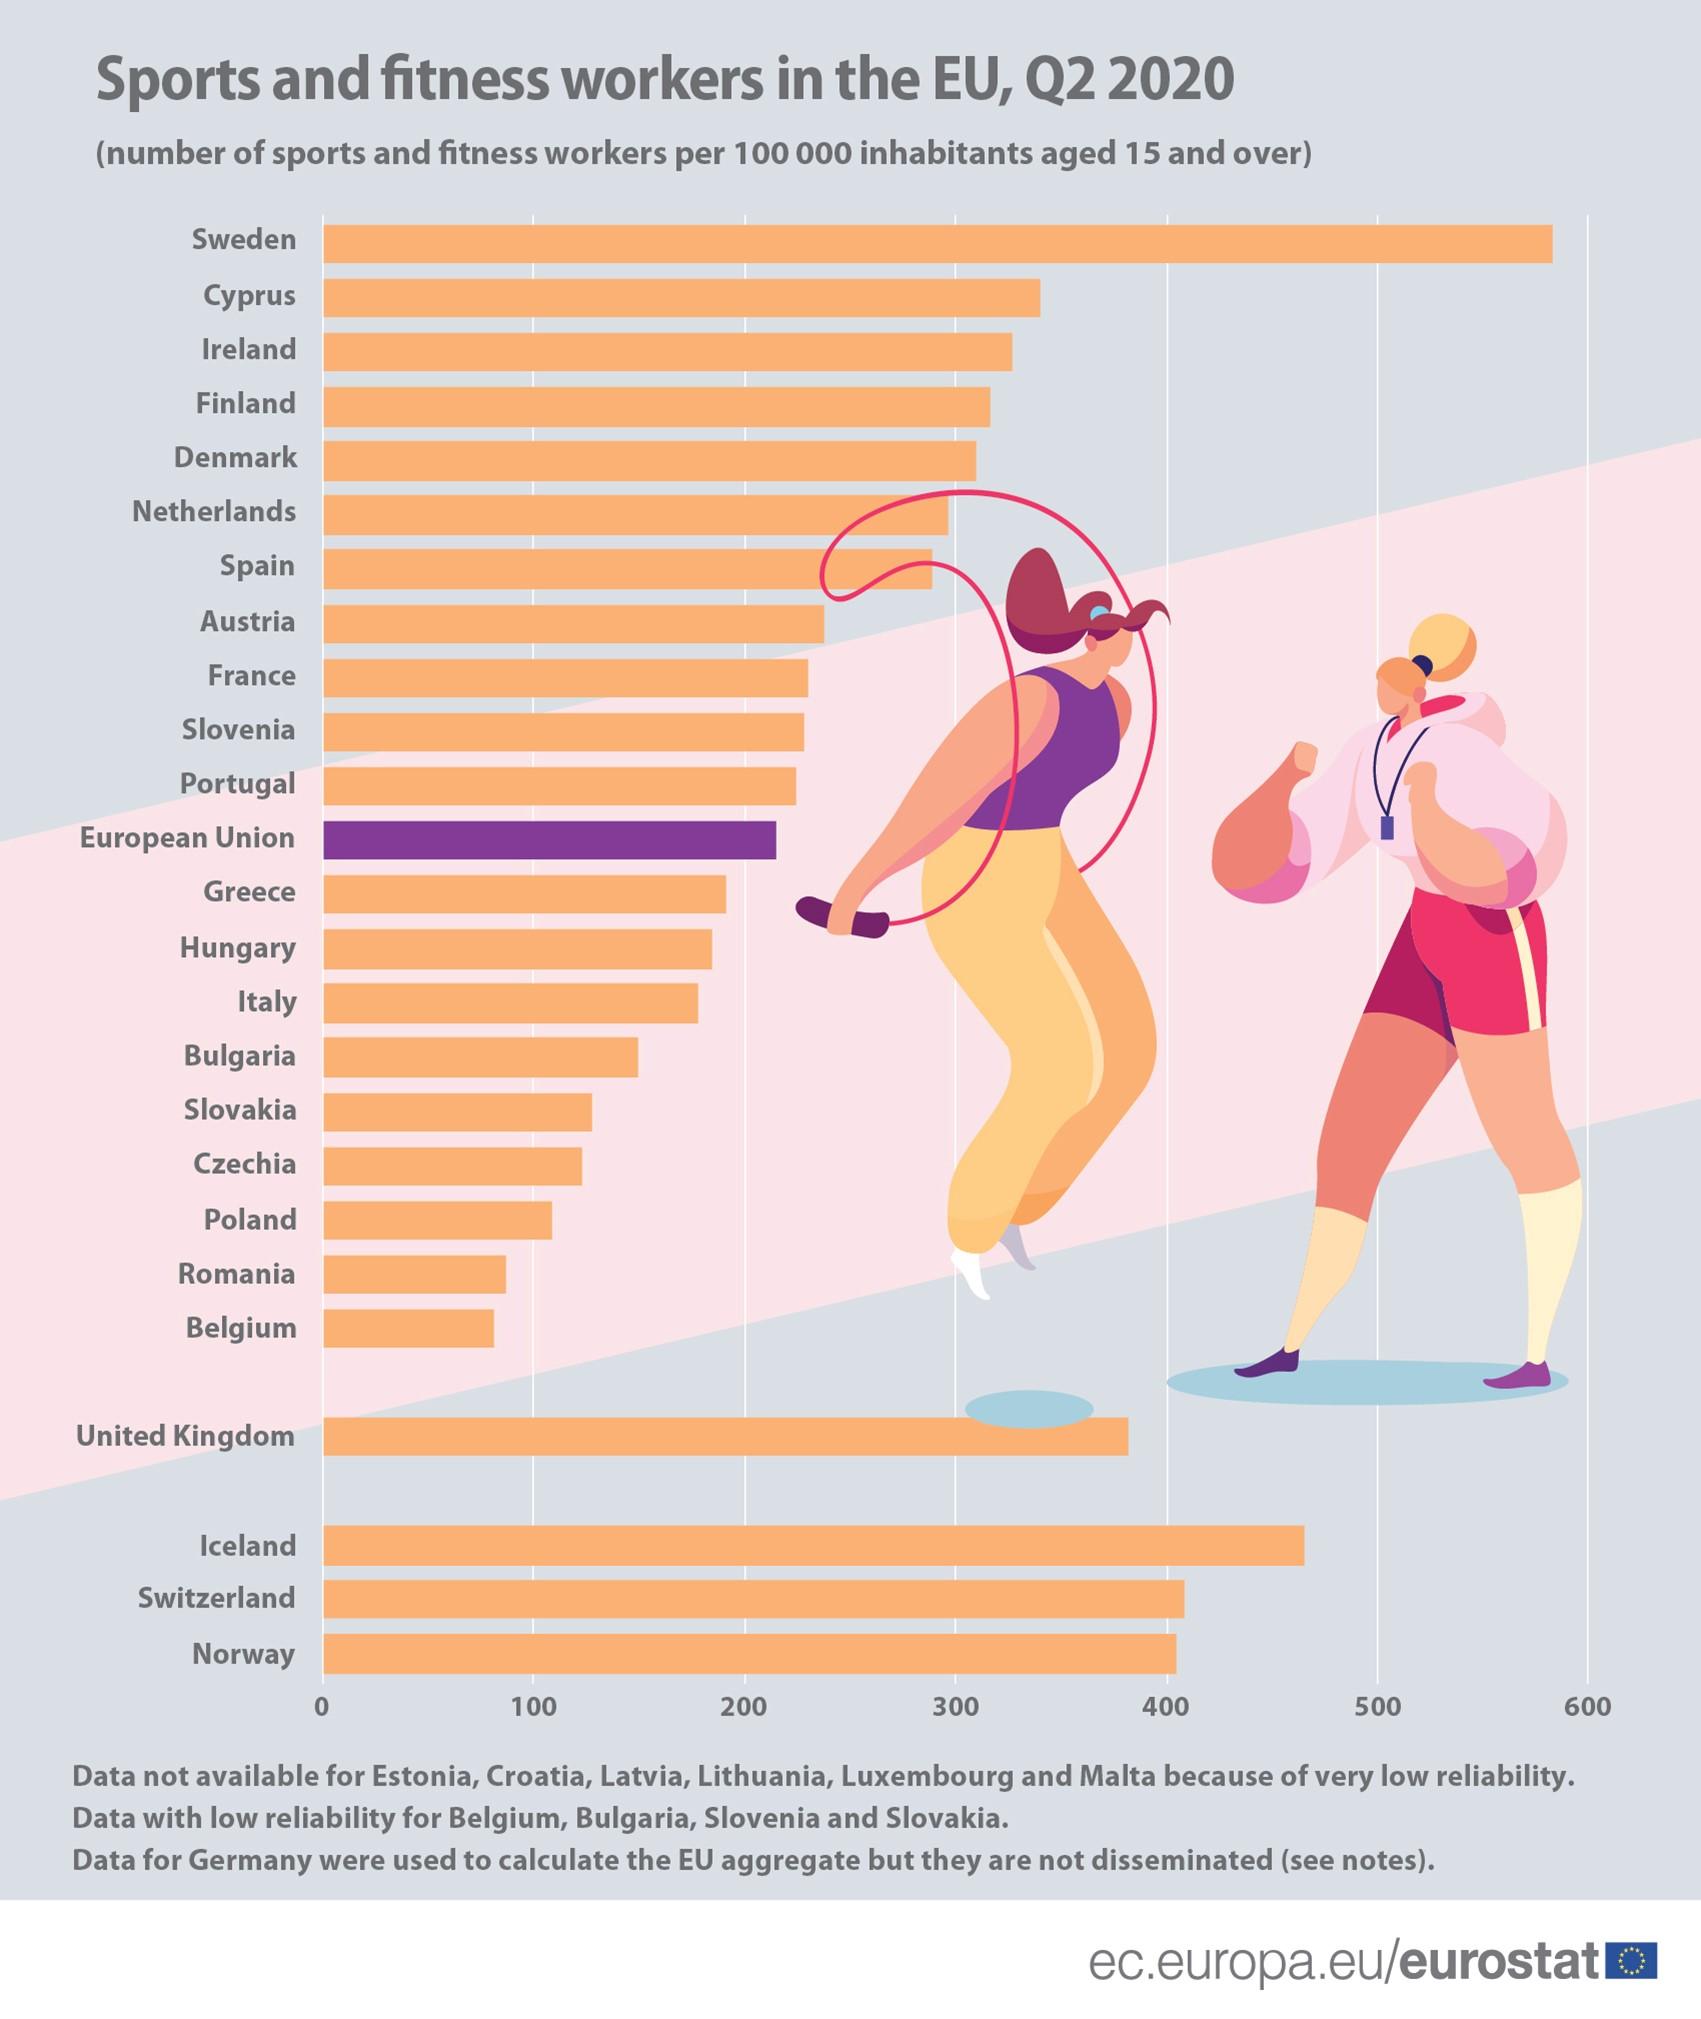 Najviše sportskih radnika u EU ima Švedska, najmanje Belgija 3